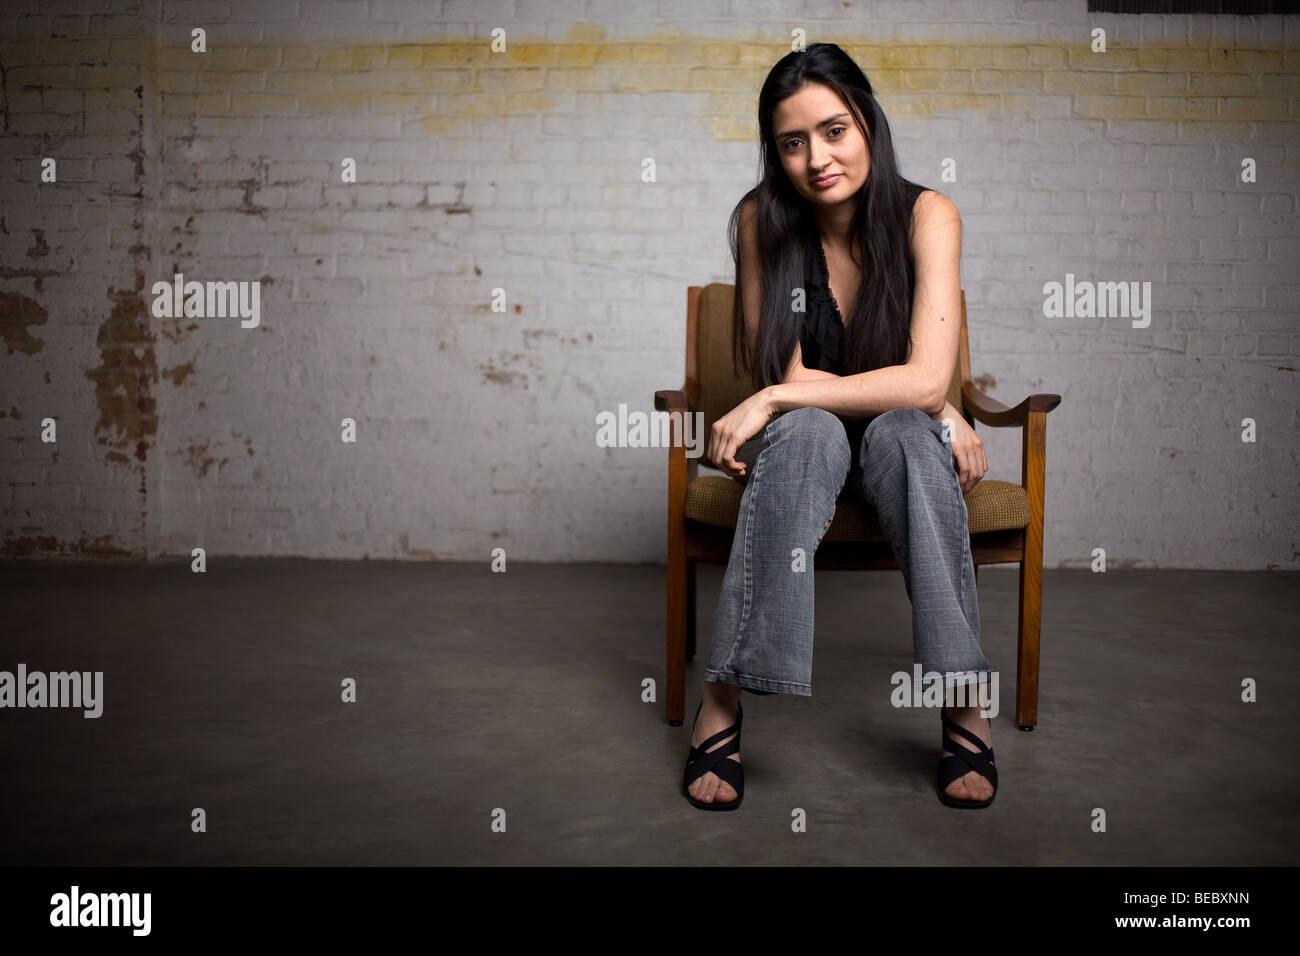 Eine hübsche Latein oder Spanisch Frau sitzt auf einem Stuhl in einem leeren Raum. Stockbild